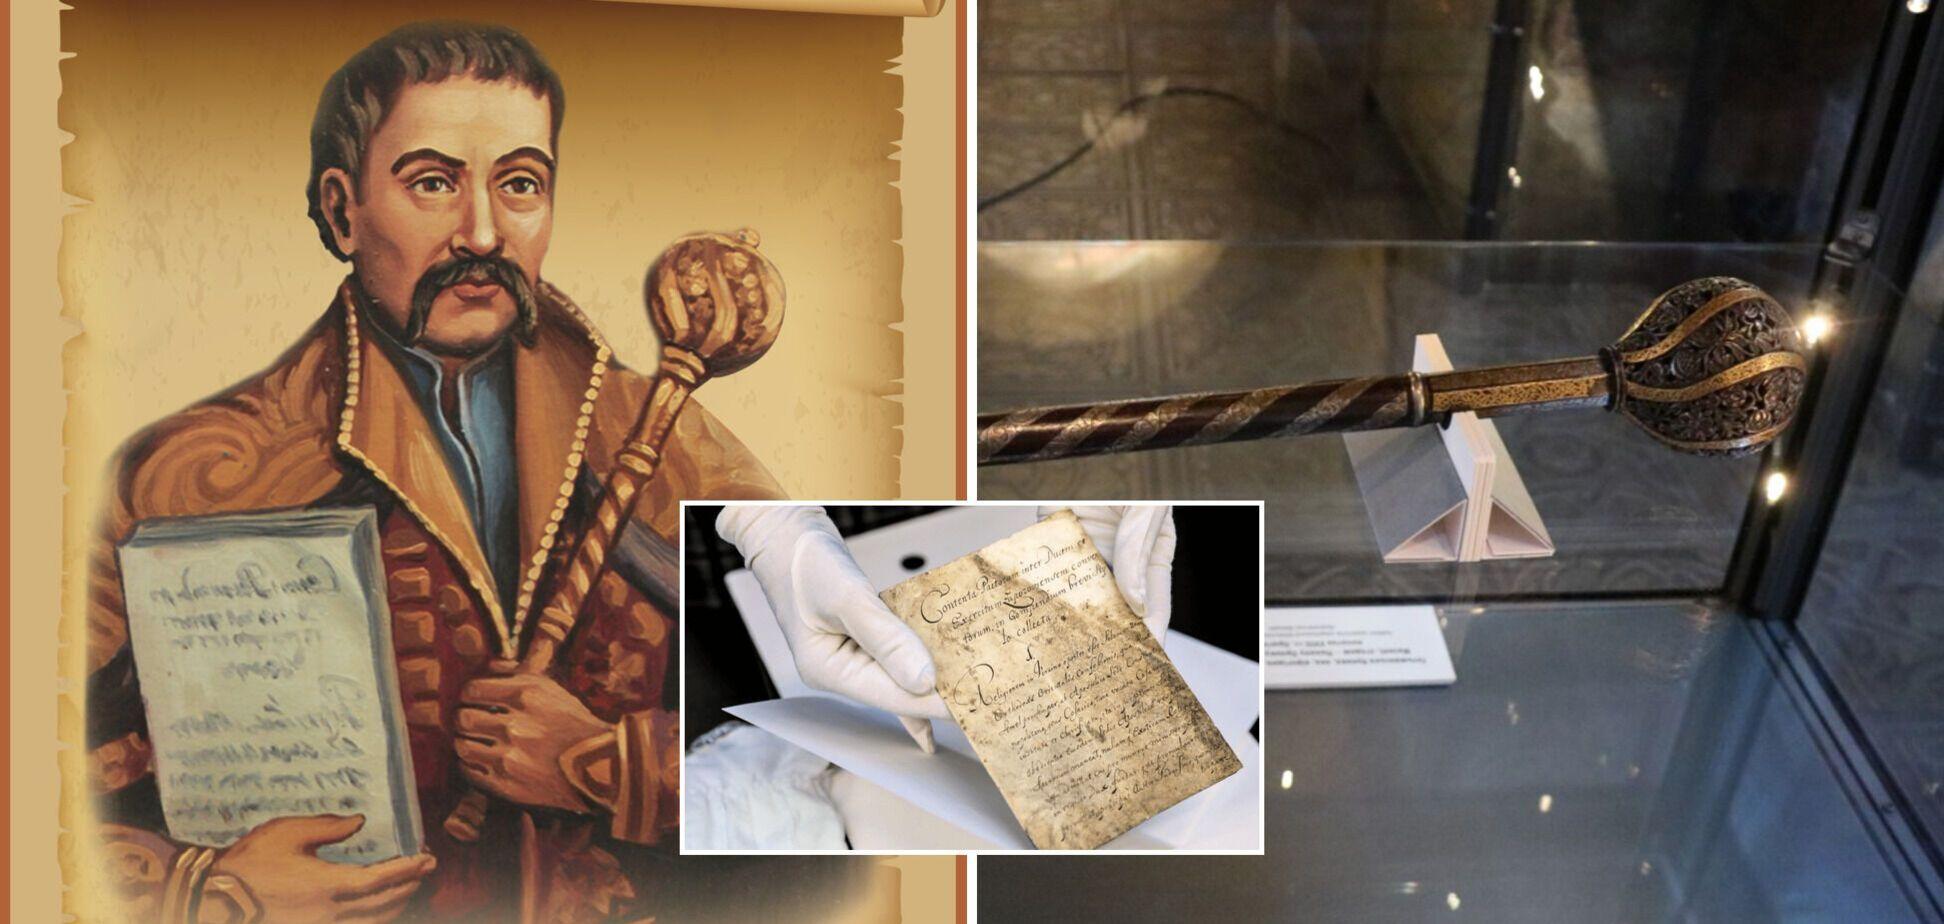 В Софийском соборе представили Конституцию Пилипа Орлика и Гетьманскую булаву, привезенные из Швеции. Видео